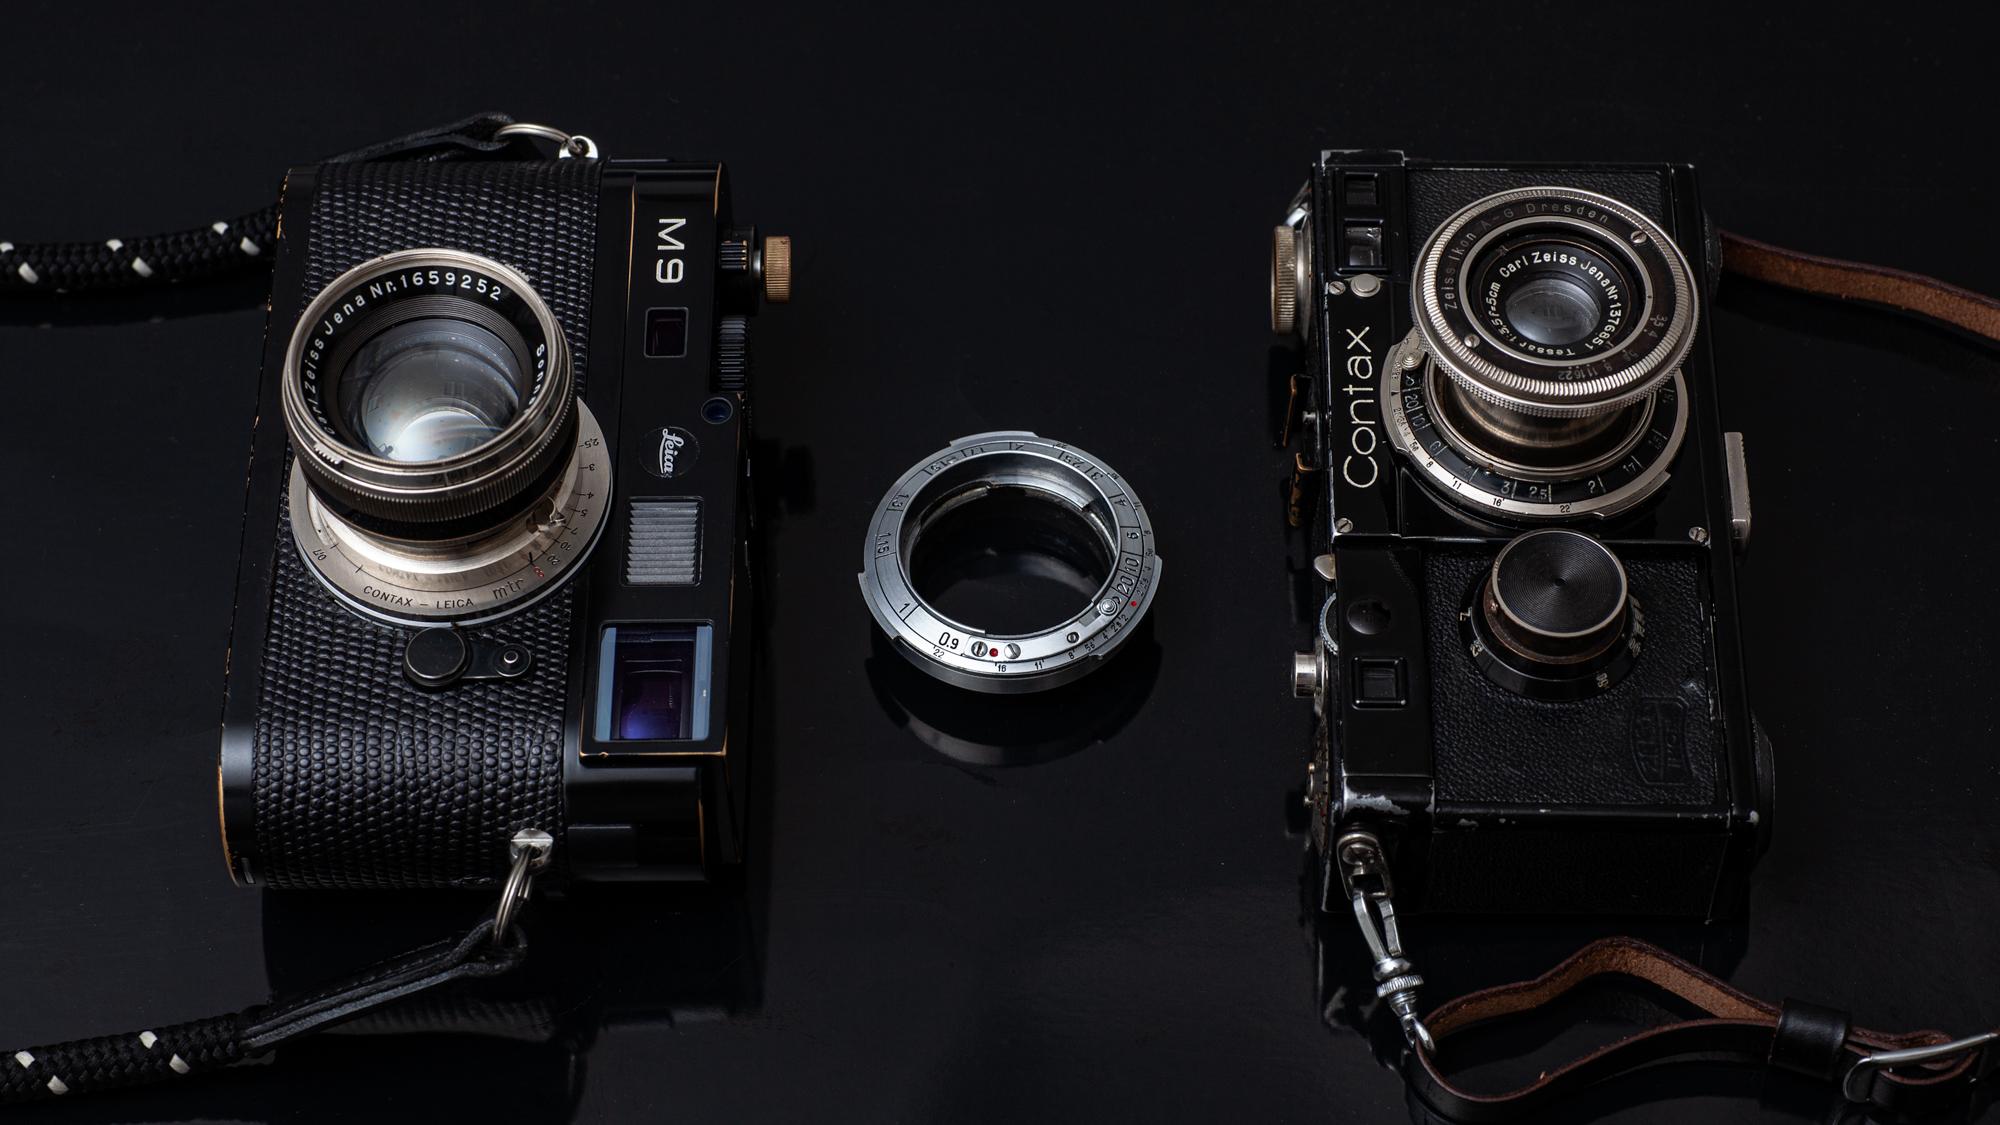 【自機一体】マップカメラスタッフこだわりの逸品 Vol.31